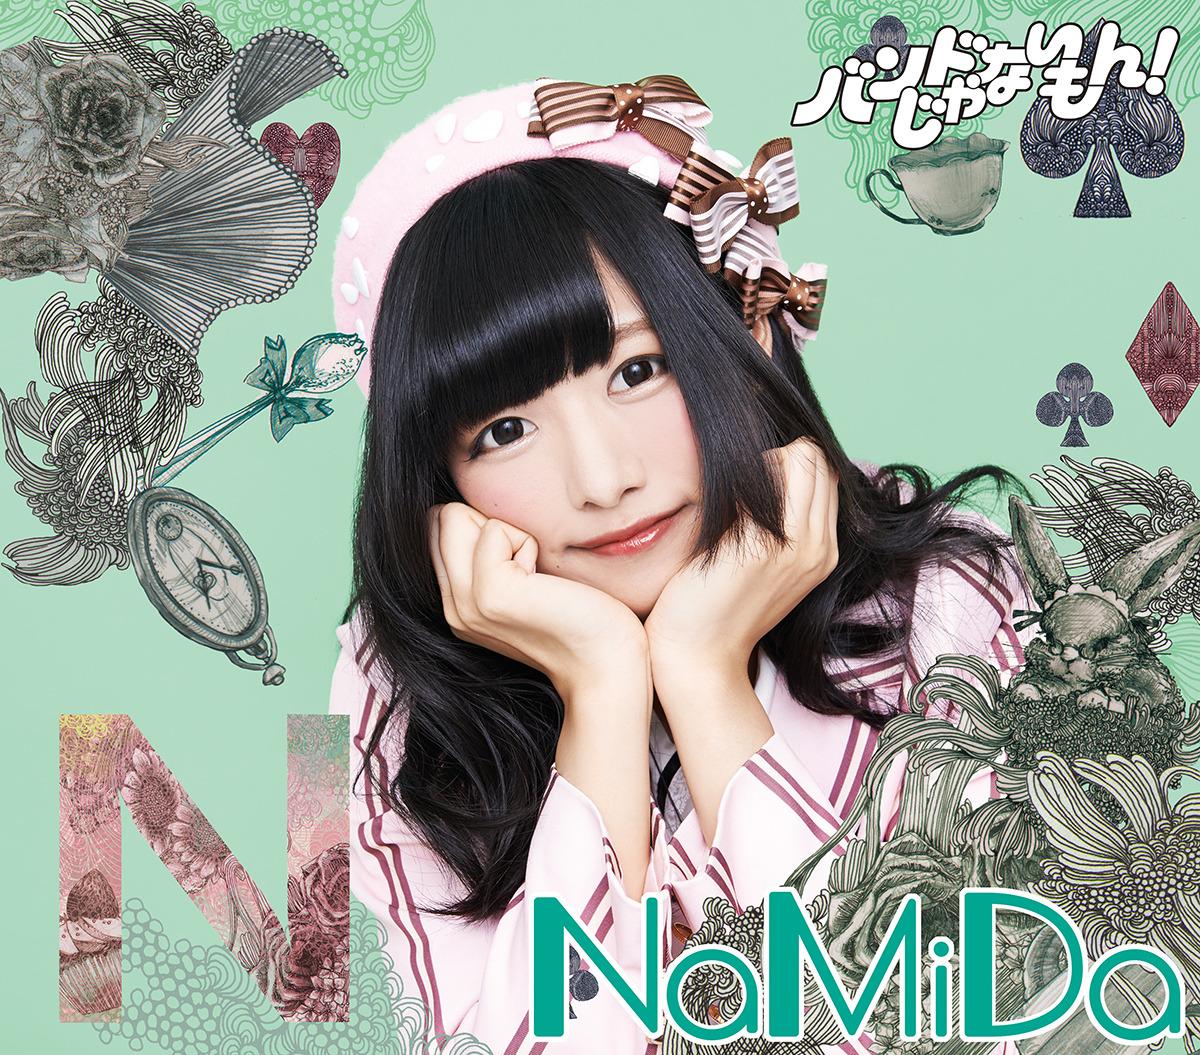 Nmd_miyuchy_h1